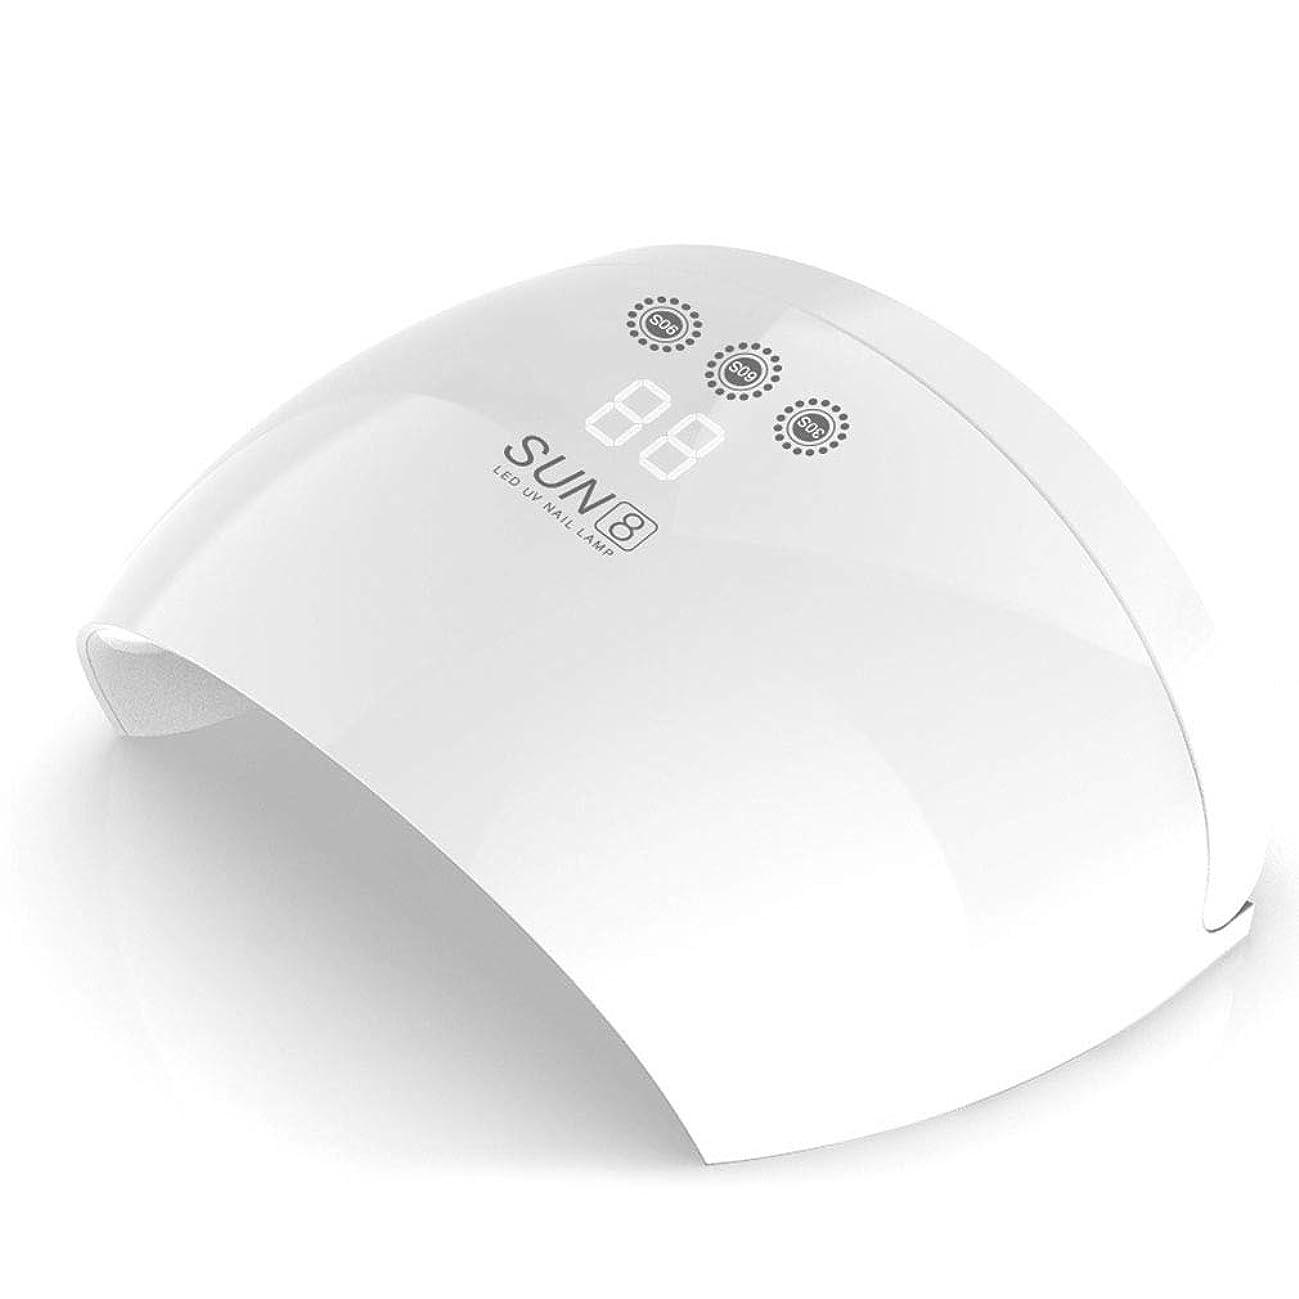 夜間委任する序文UV LEDネイルドライヤー、メモリタイマー付き30Wネイルドライヤー、LCDディスプレイ、自動センサー付きネイルポリッシュドライヤー,White